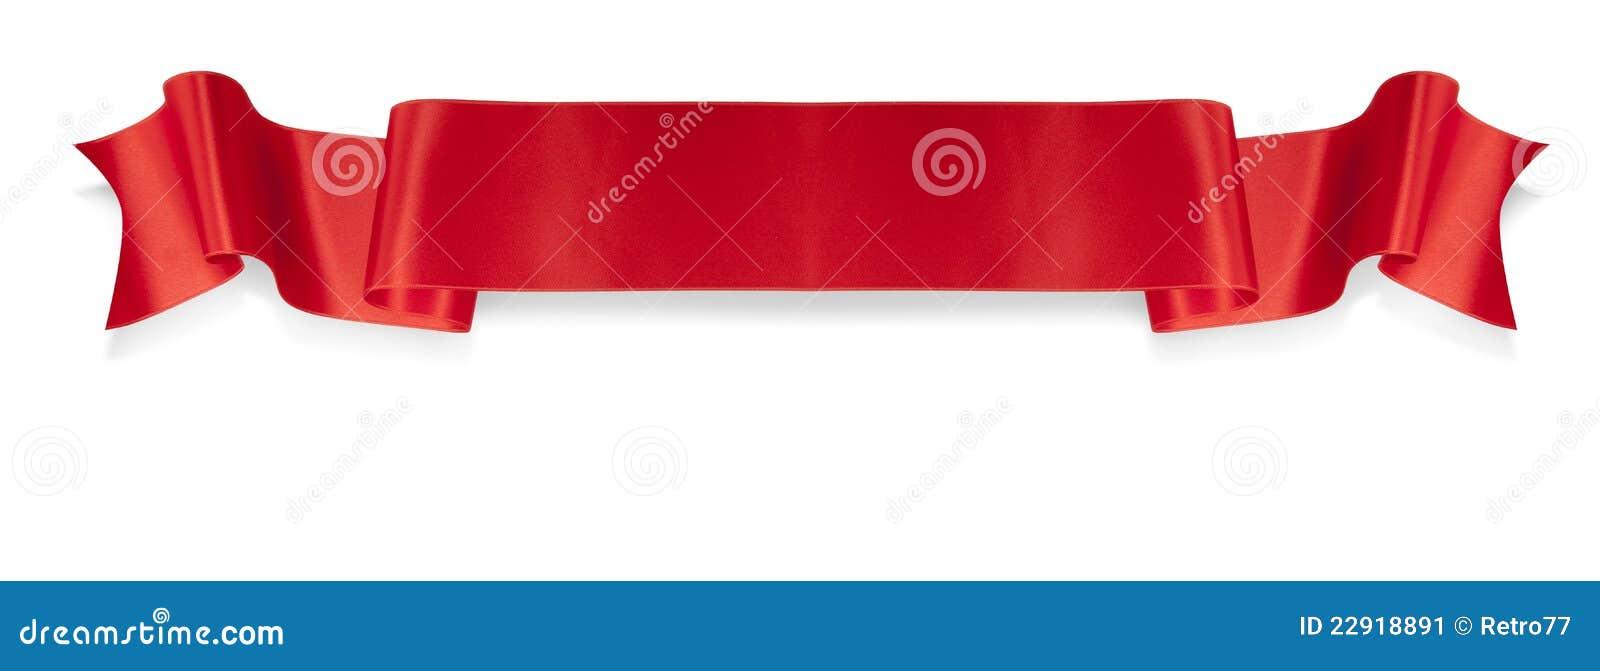 横幅高雅红色丝带